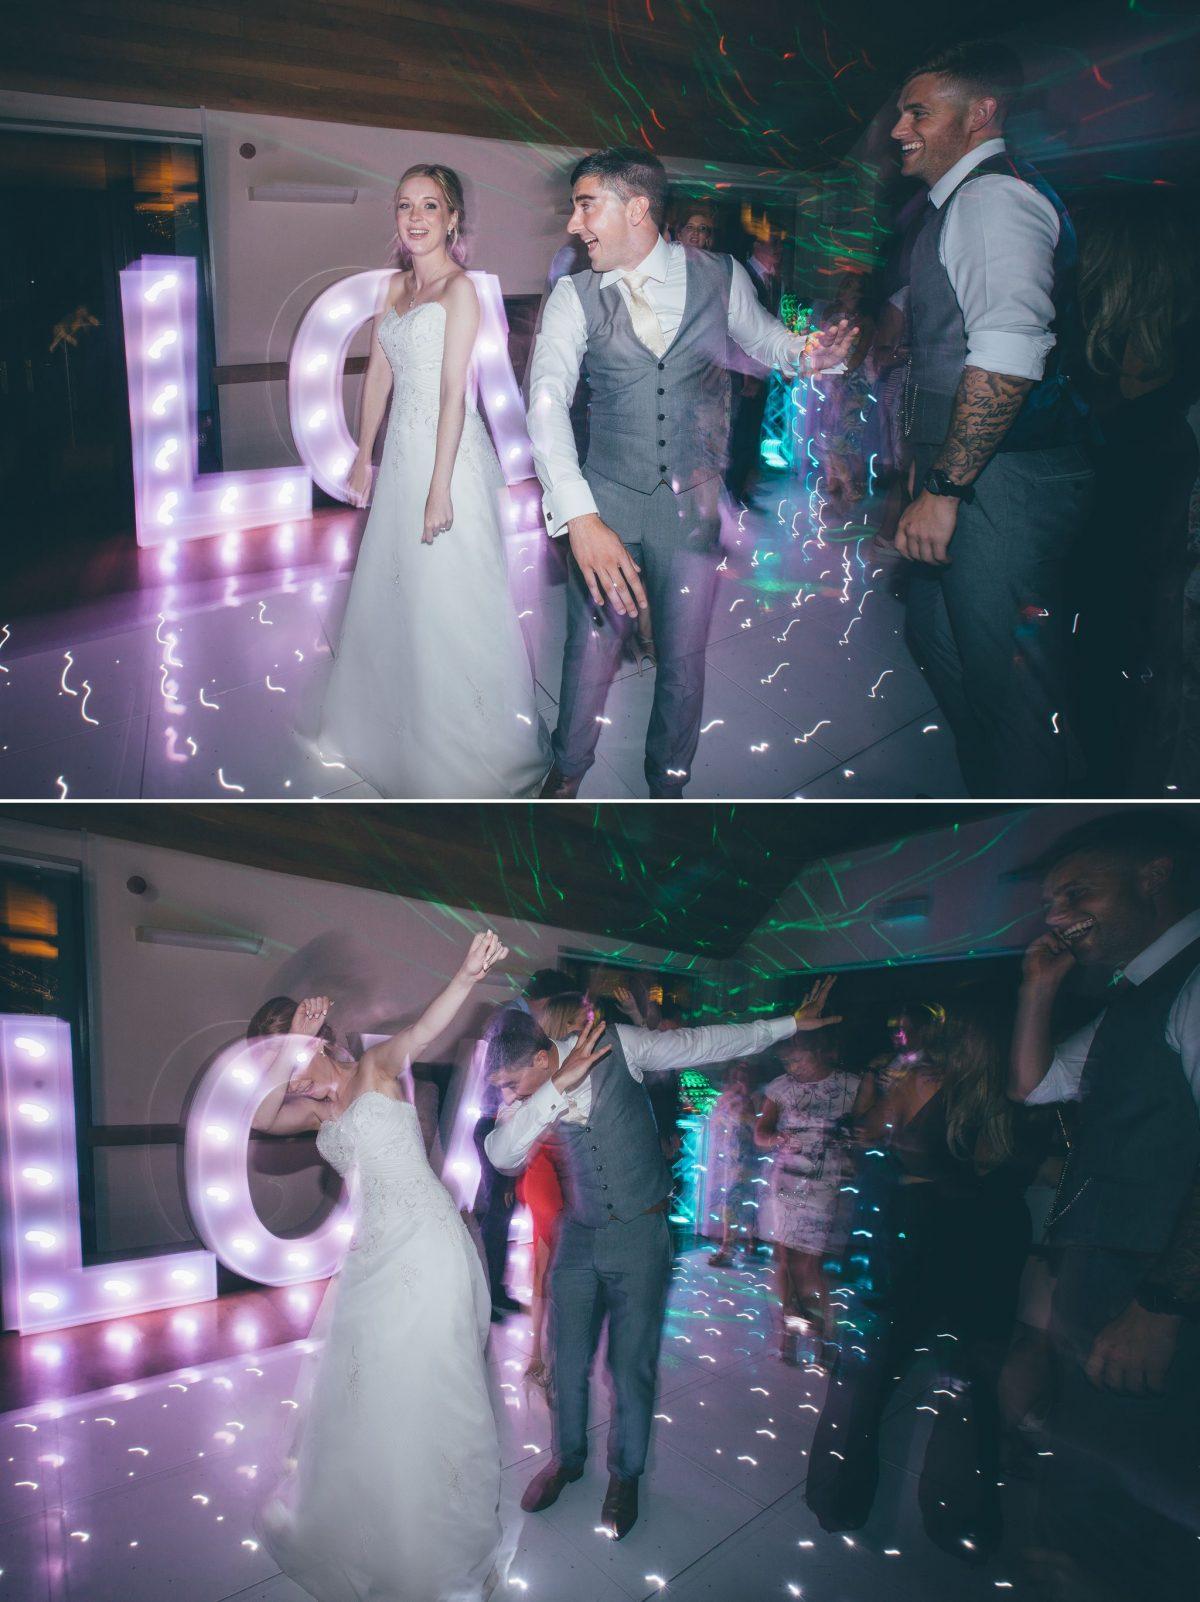 welsh_wedding_photographer_rachel_lambert_photography_canada_lake_lodge_michaela_haydn_ 110